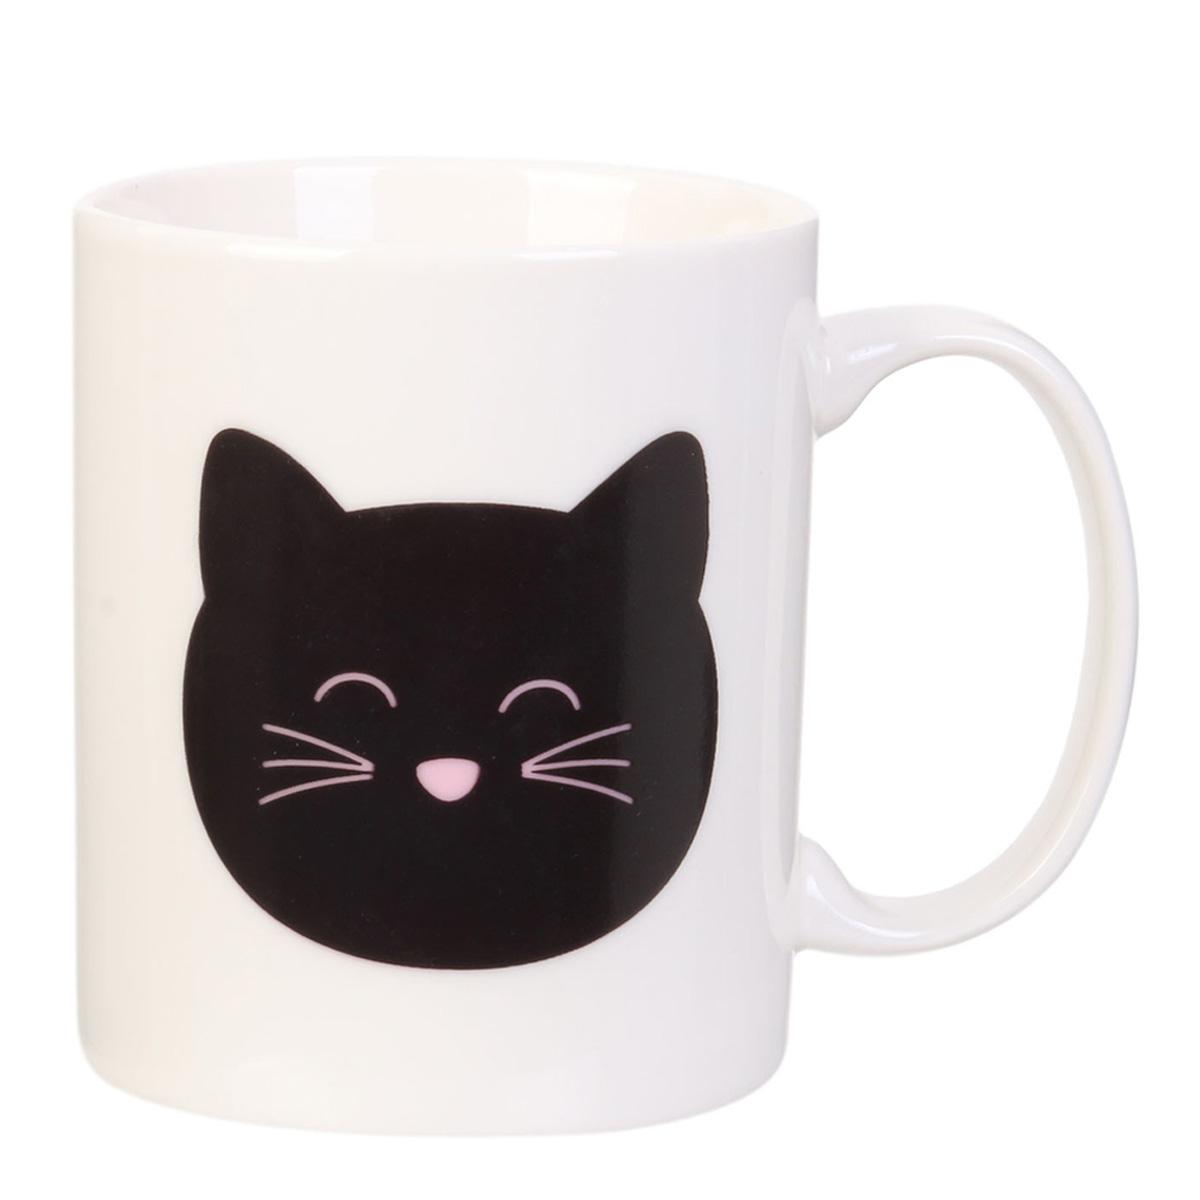 Mug céramique thermique \'Chats\' noir blanc - 35 cl - [R0343]